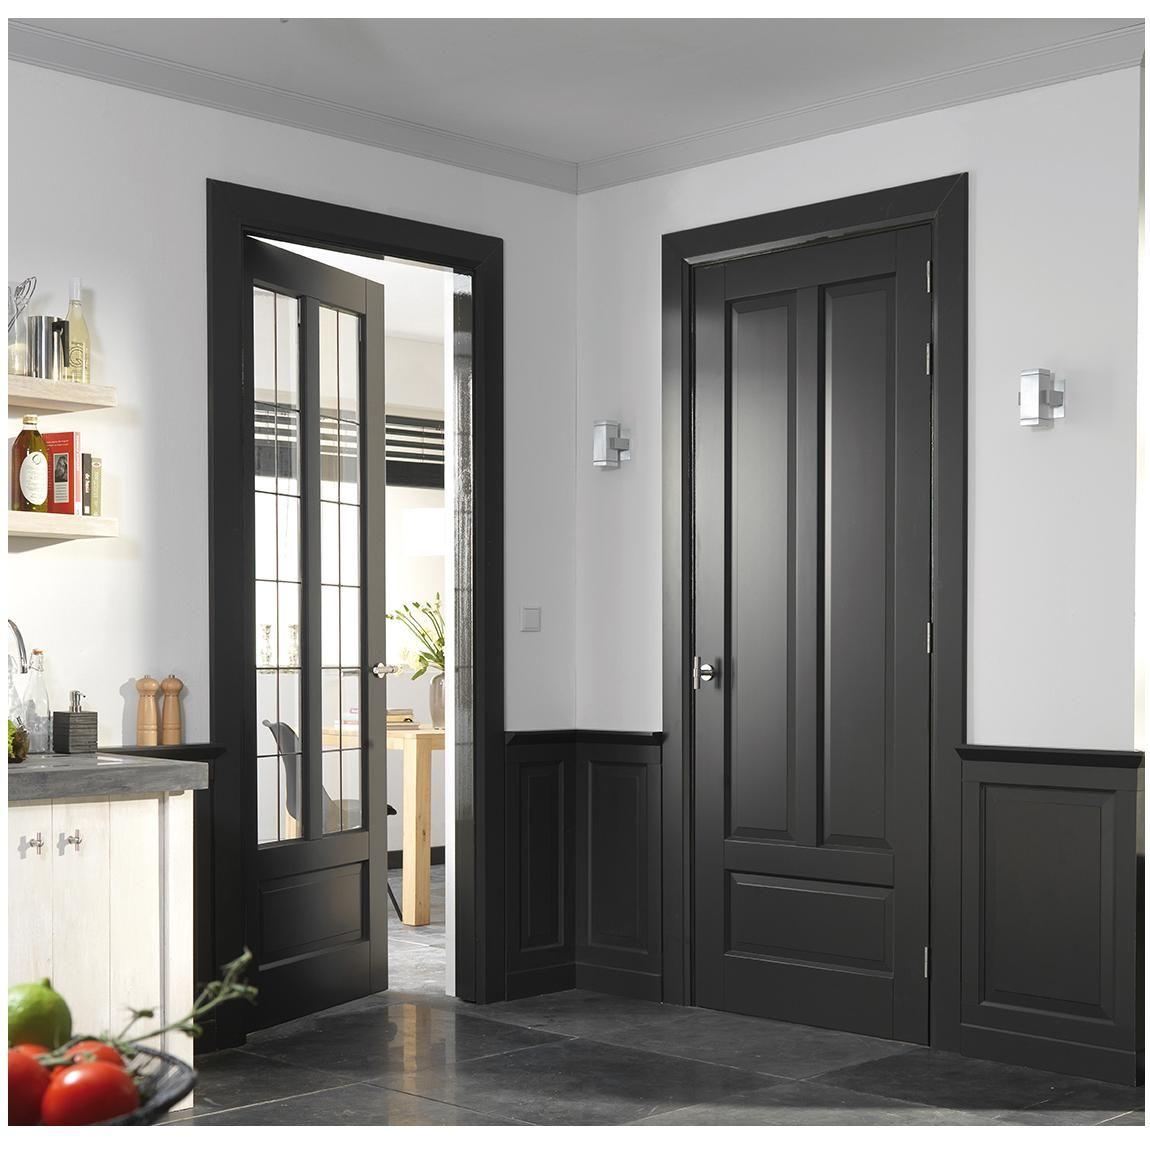 Geïnspireerd door deze foto en de kleuren van de deur